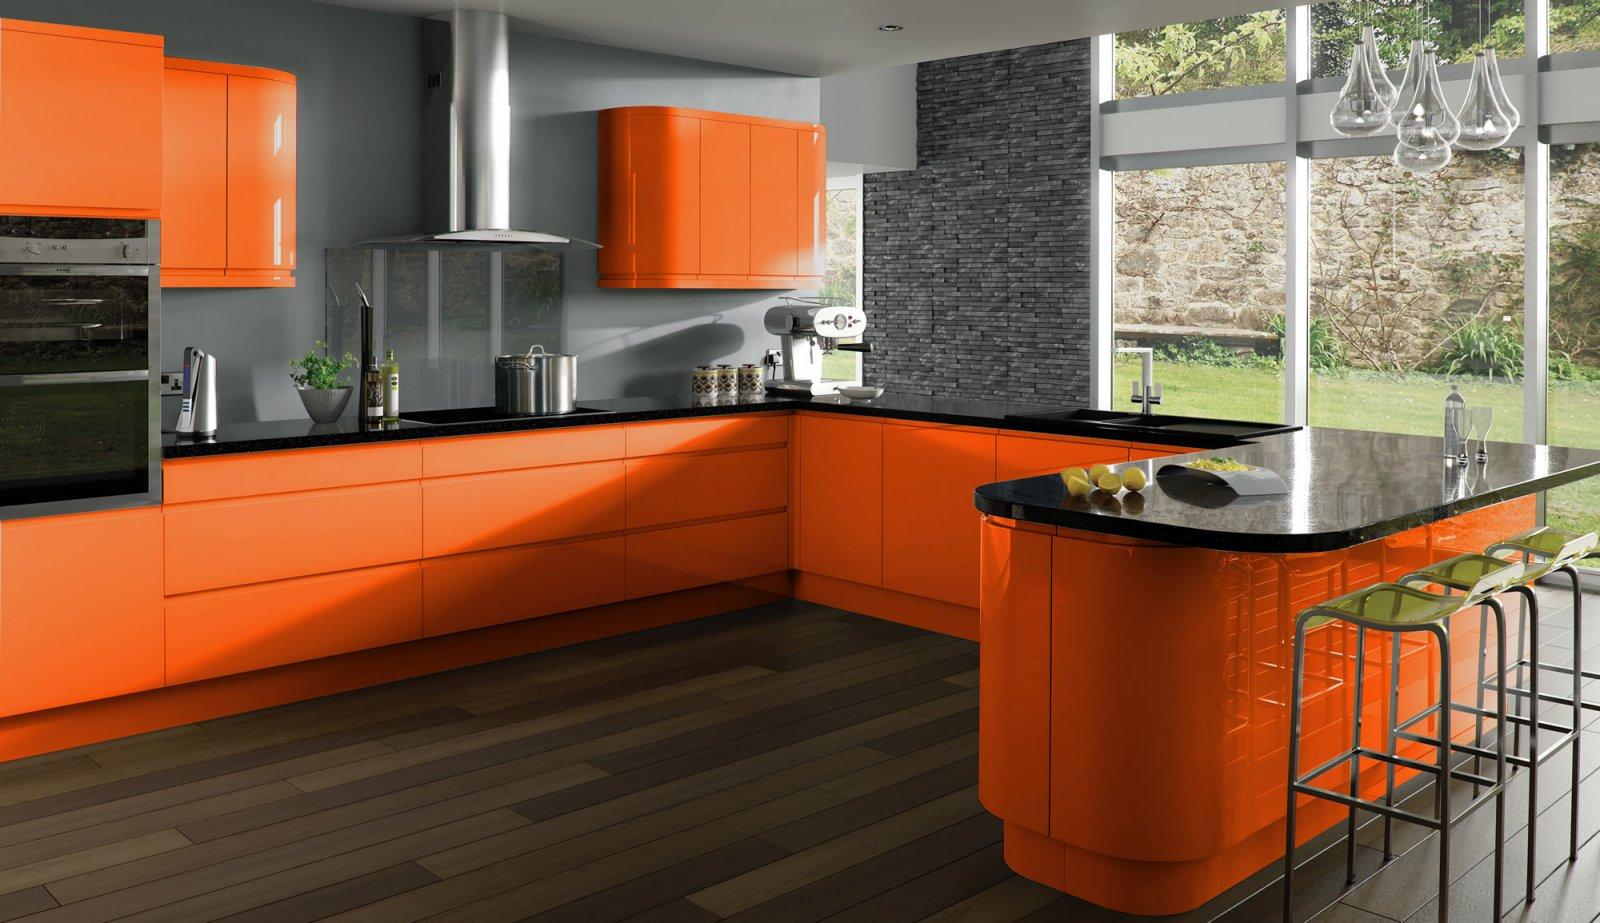 Cocinas de colores claves para su decoraci n decoraci n for Pintura cocina pato azul